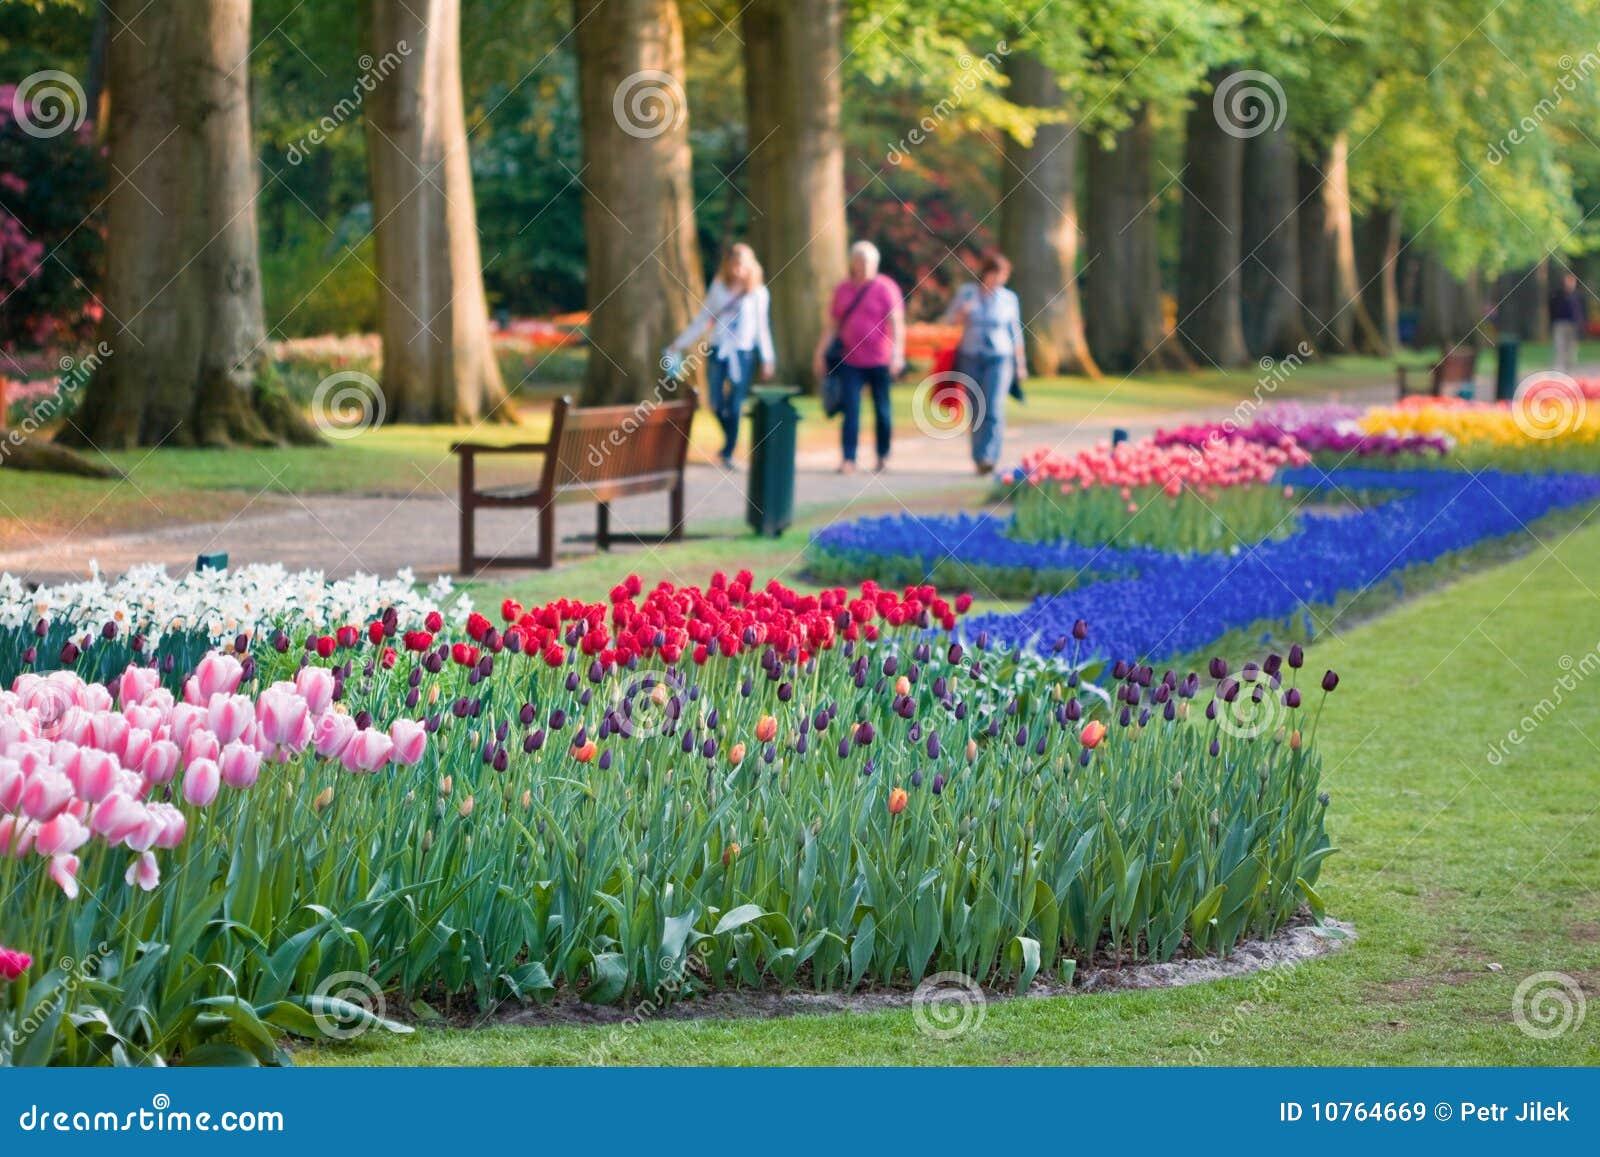 flores coloridas jardim:Jardim Bonito De Flores Coloridas Na Mola Imagens de Stock Royalty